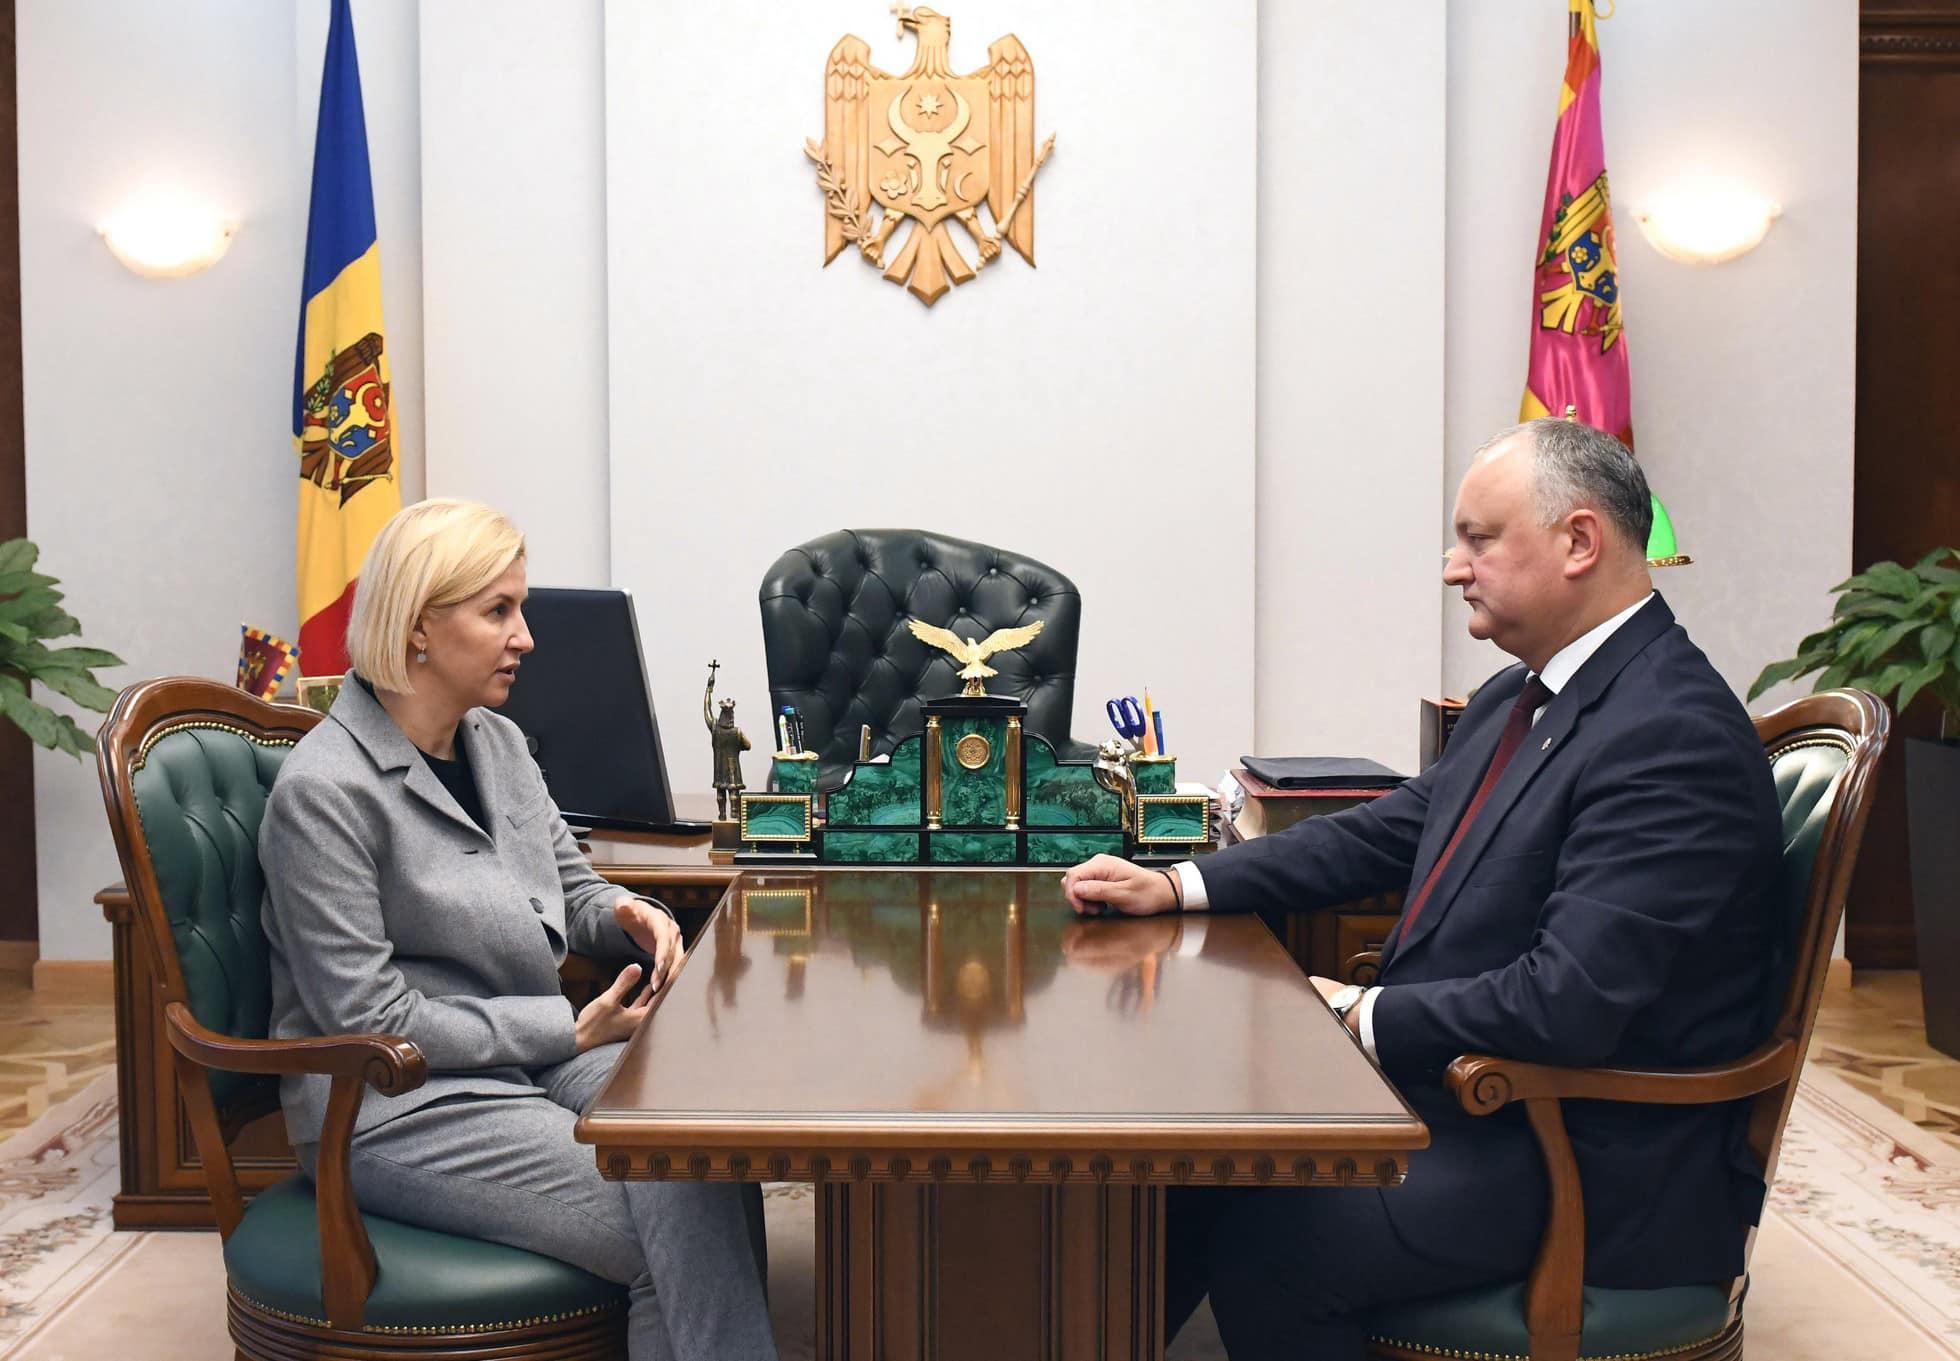 Игорь Додон провел встречу с Ириной Влах (ФОТО, ВИДЕО)